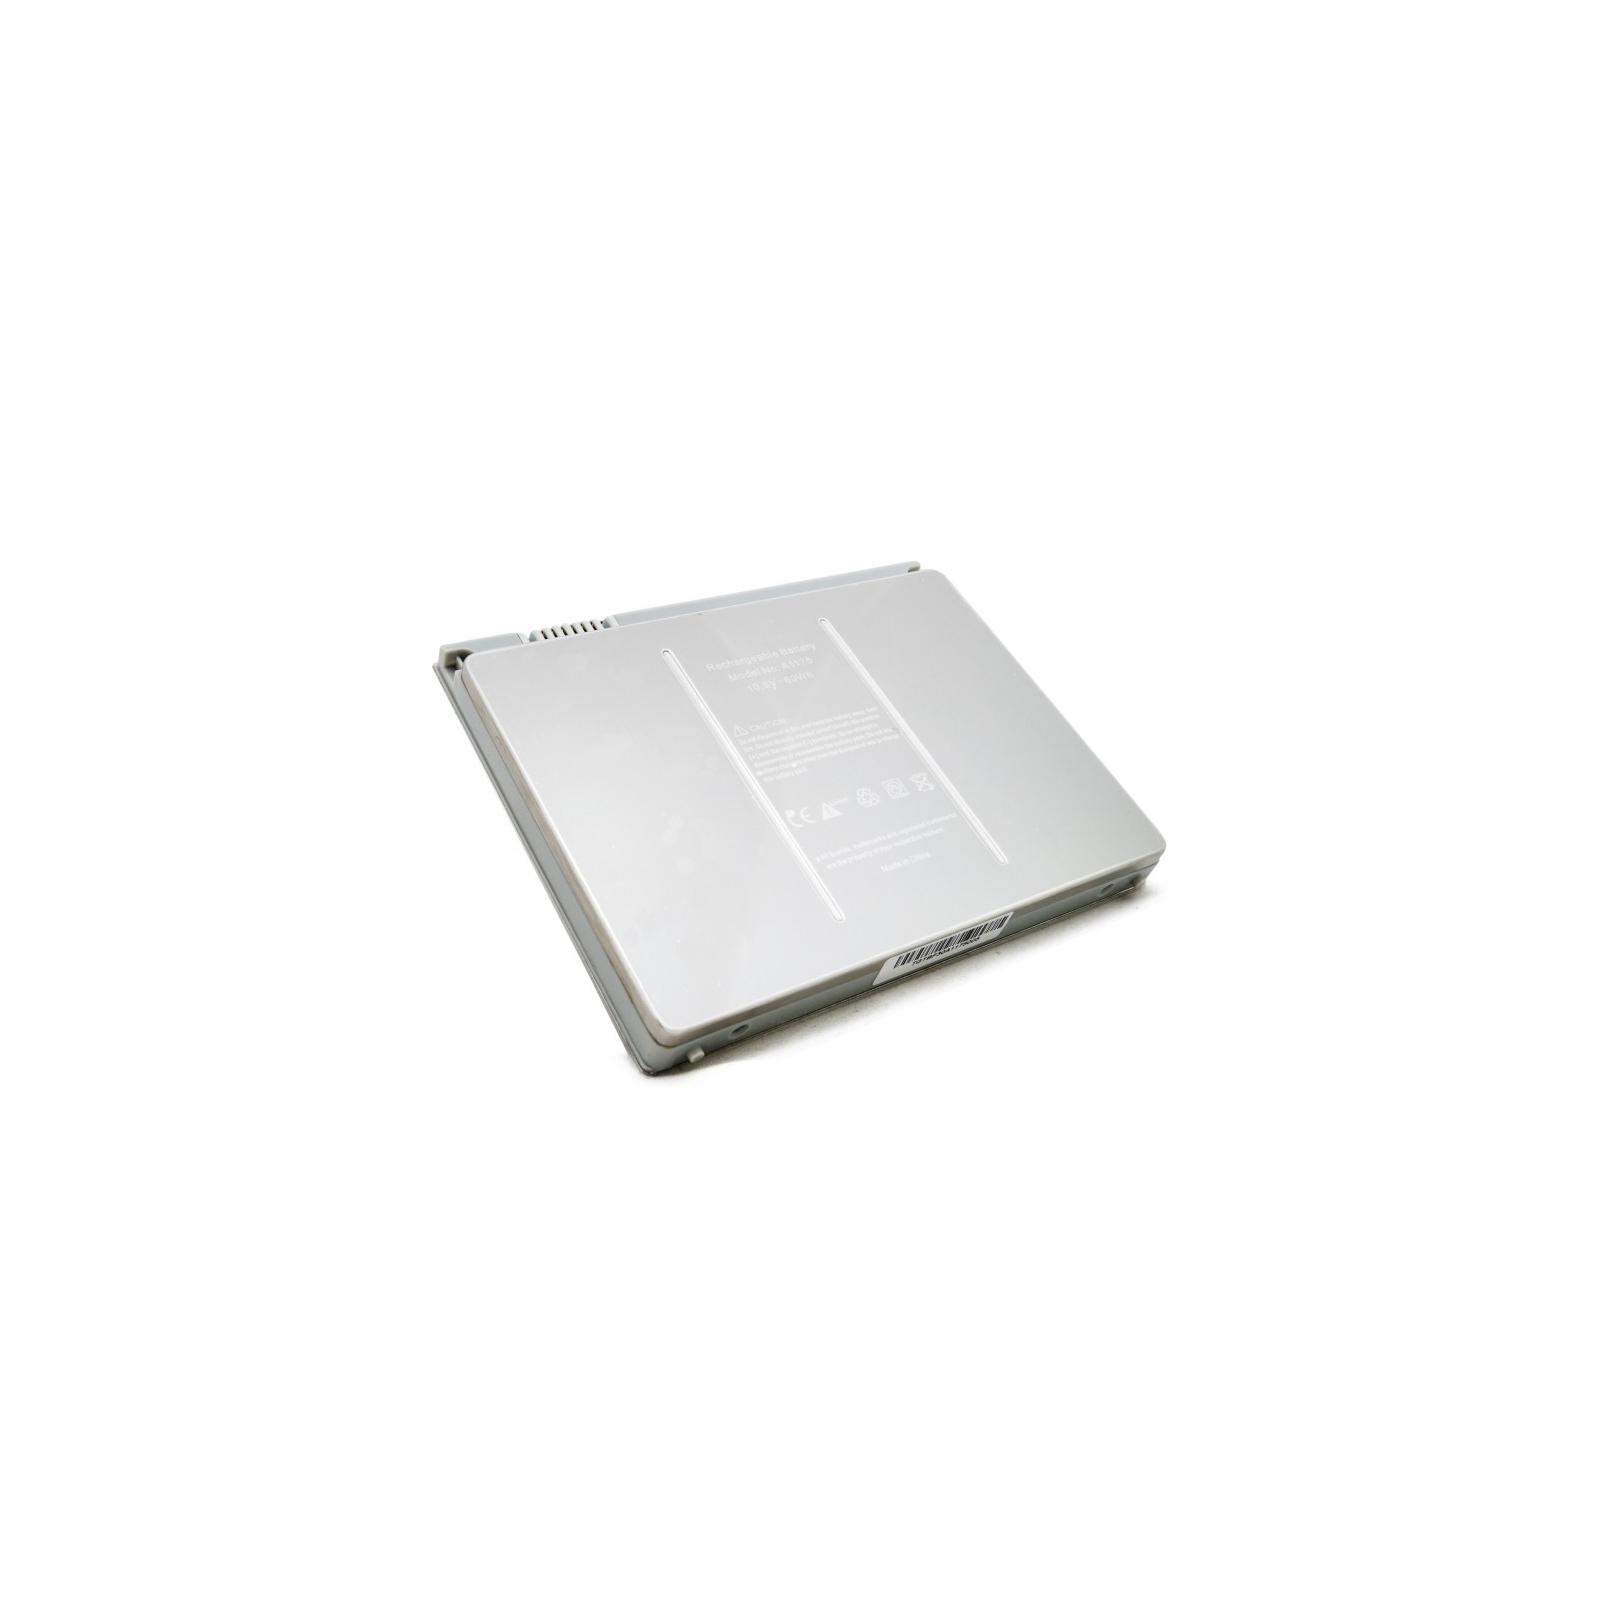 Аккумулятор для ноутбука Apple MacBook Pro 15 (A1175 Aluminum) 60Wh EXTRADIGITAL (BNA3917) изображение 5